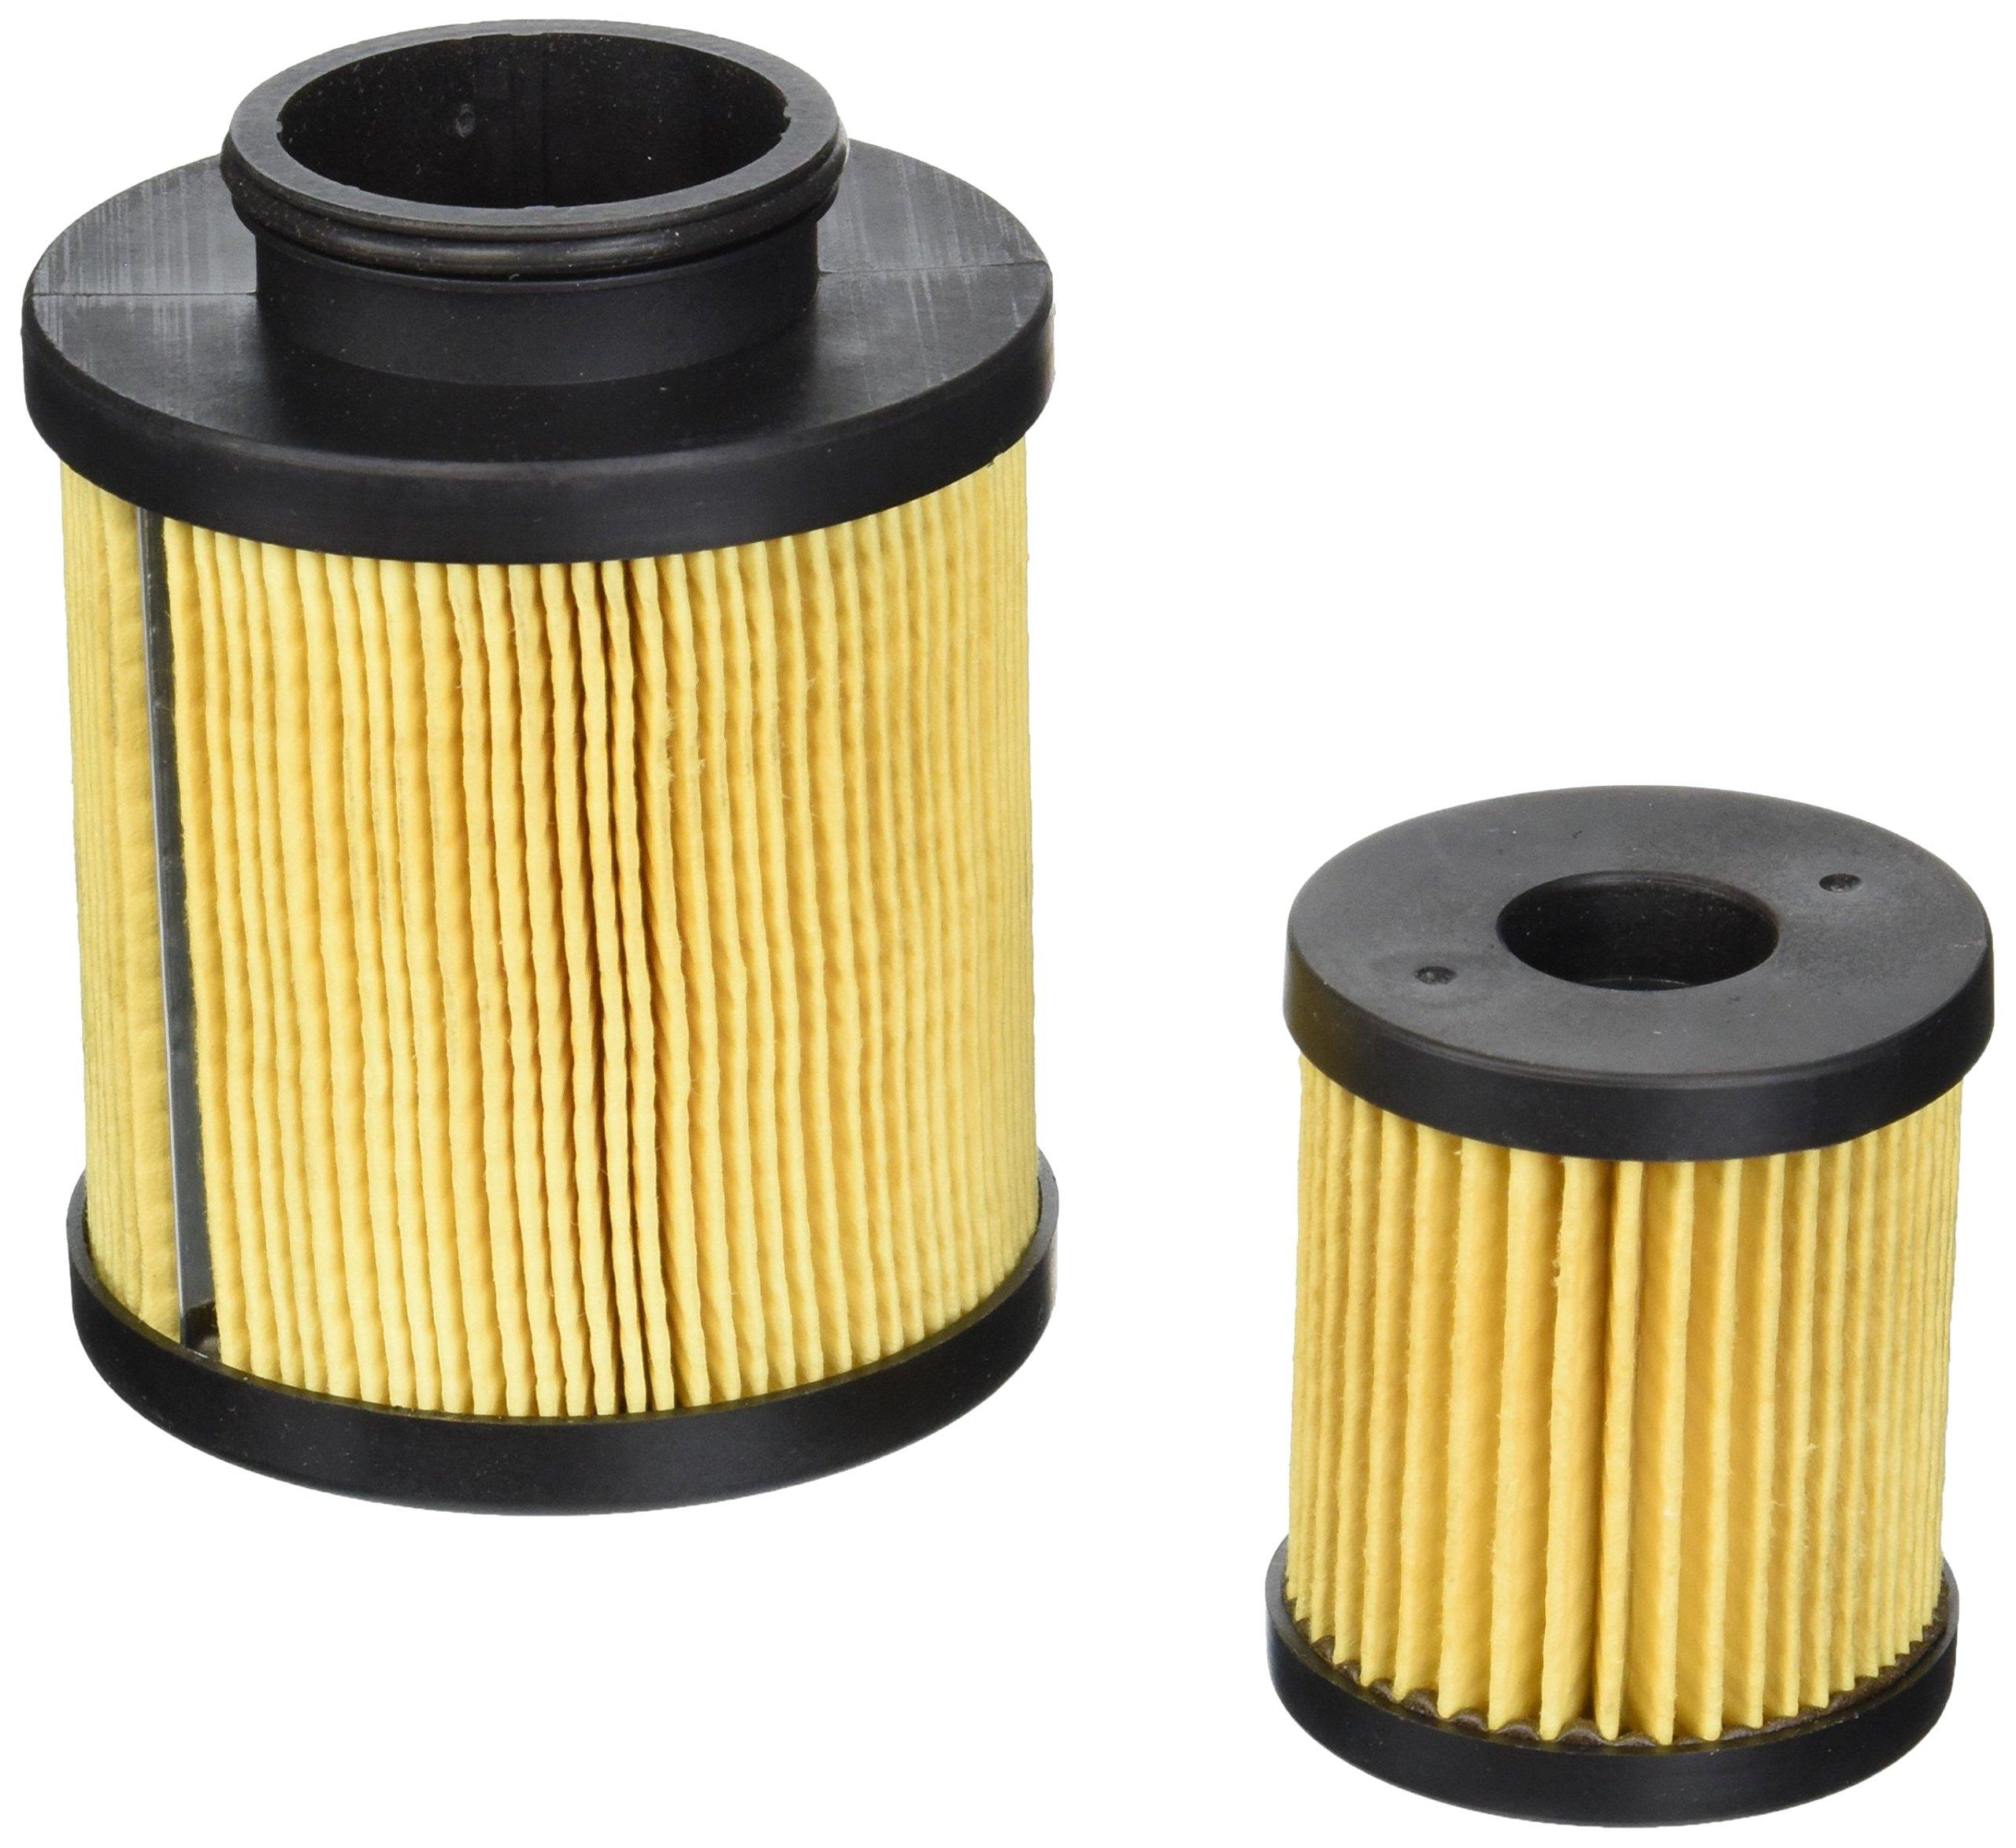 Baldwin Automotive PF7812 KIT Fuel Filter Element Kit,3-5/16 In by Baldwin